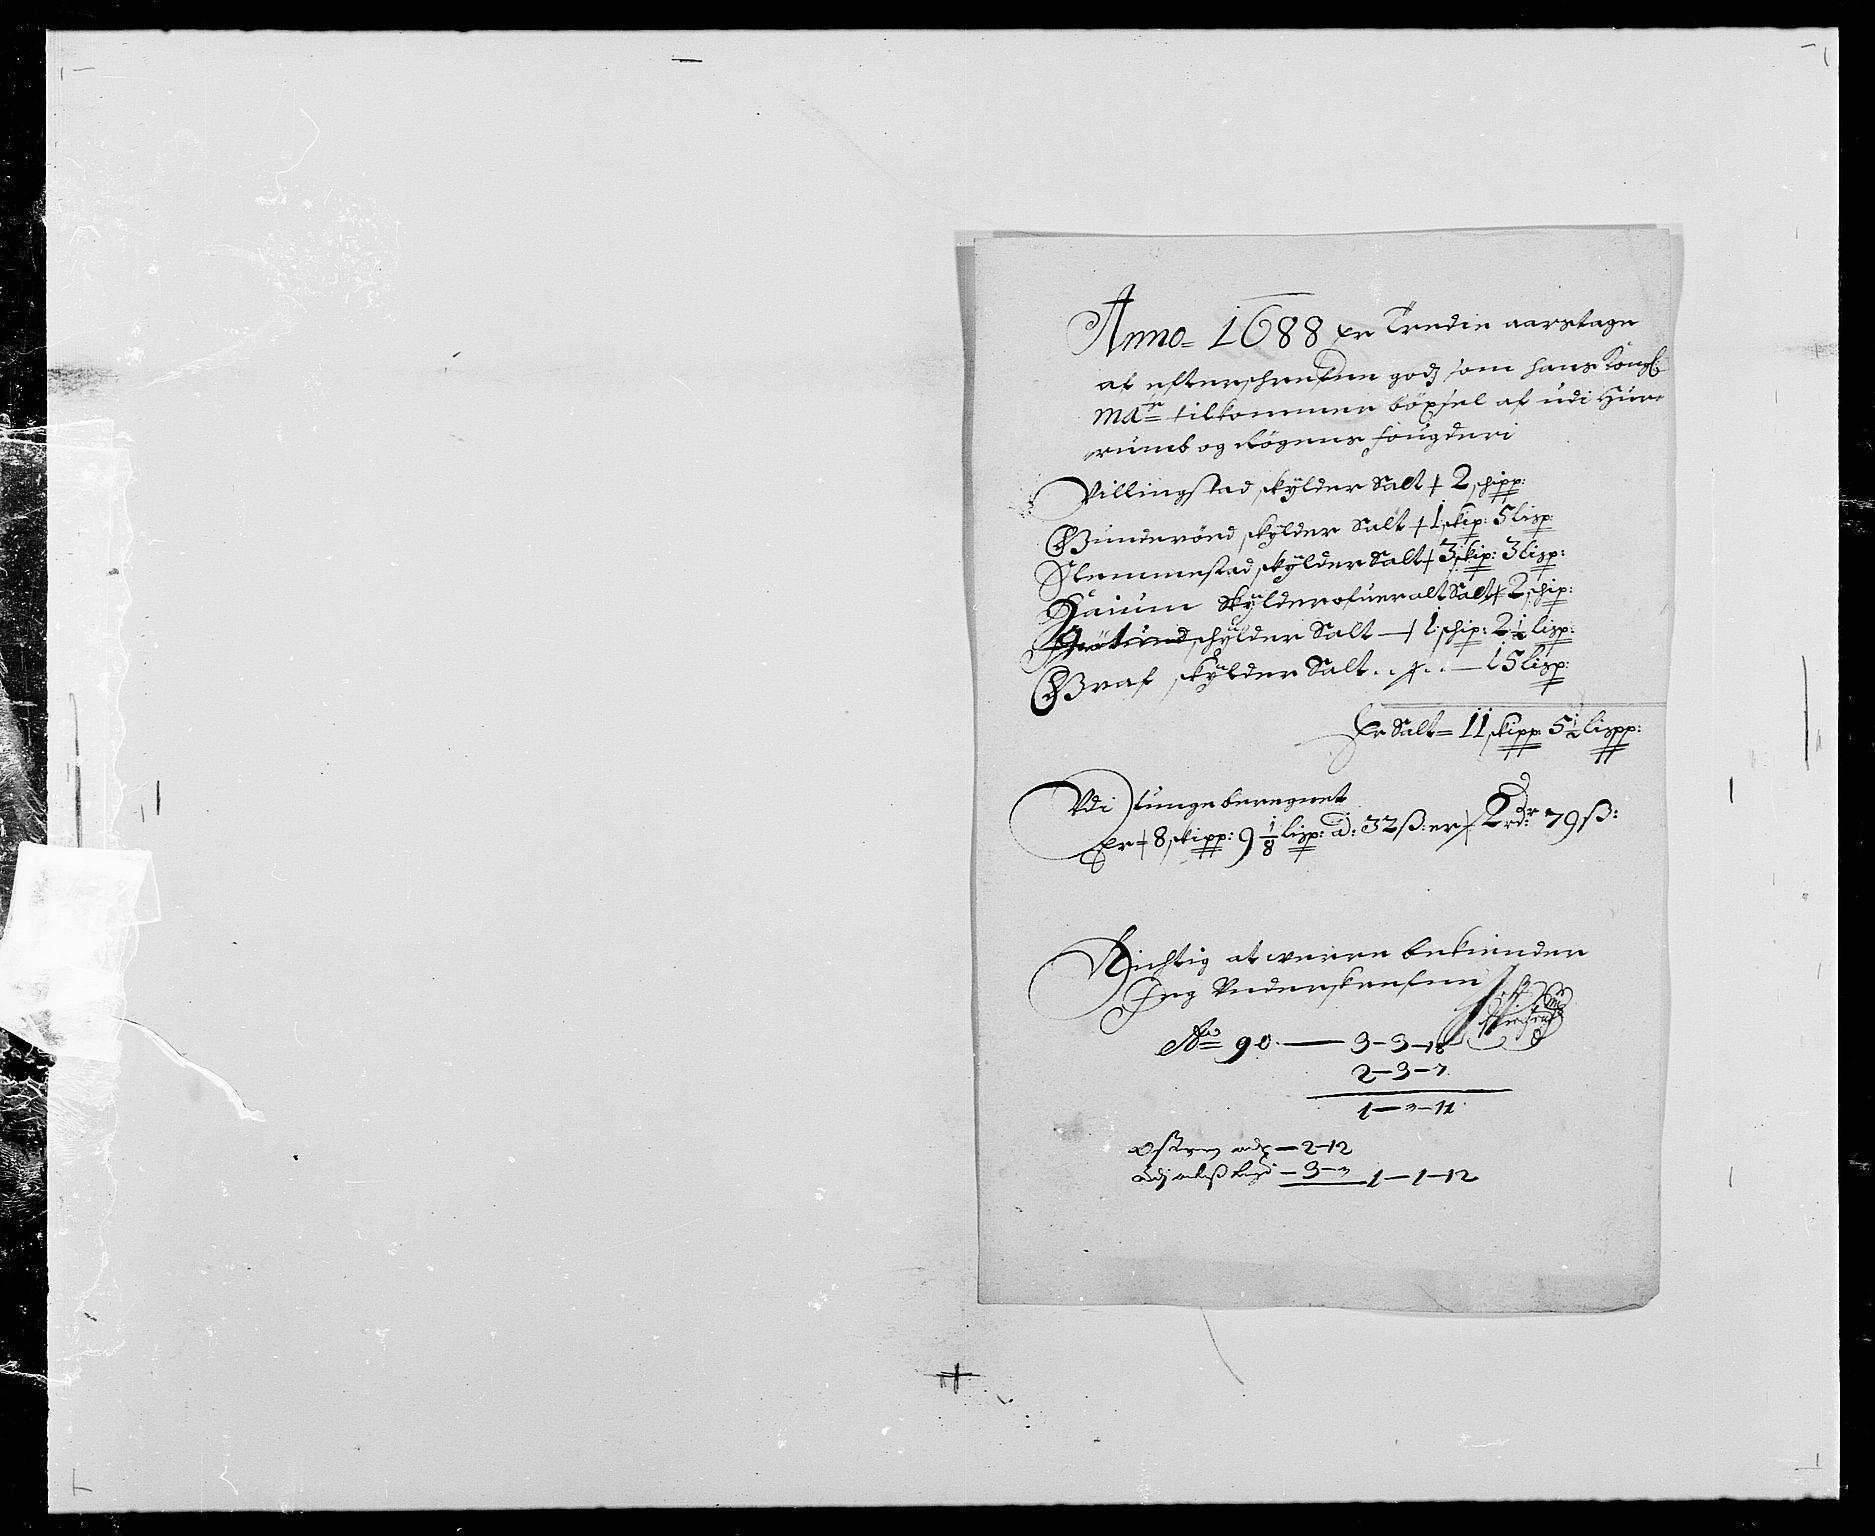 RA, Rentekammeret inntil 1814, Reviderte regnskaper, Fogderegnskap, R29/L1693: Fogderegnskap Hurum og Røyken, 1688-1693, s. 29